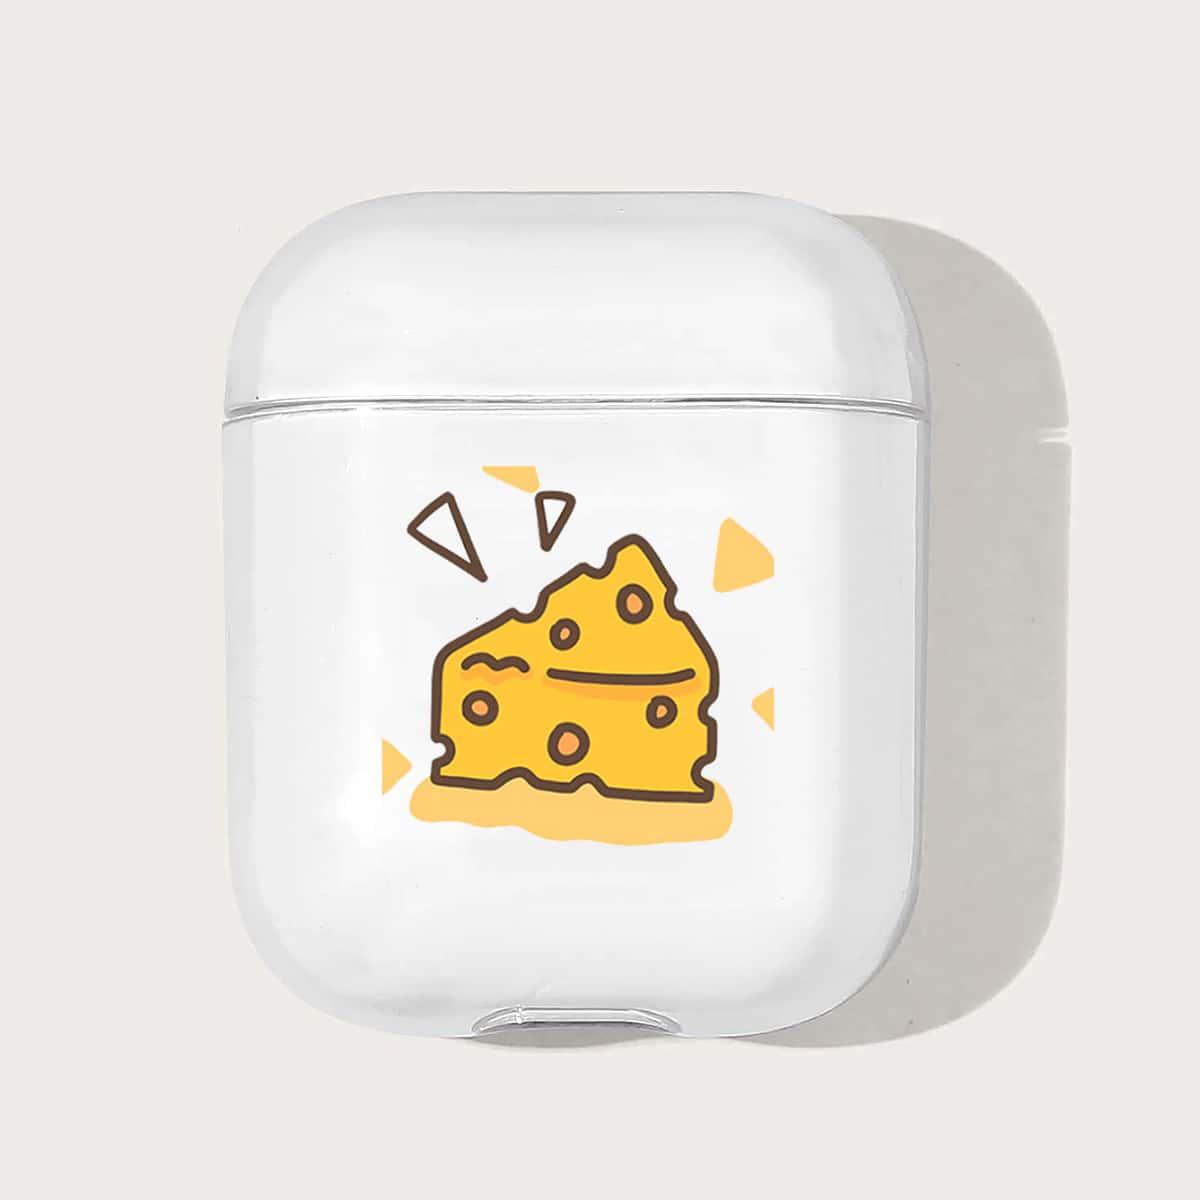 Прозрачный чехол для Airpods с рисунком сыра